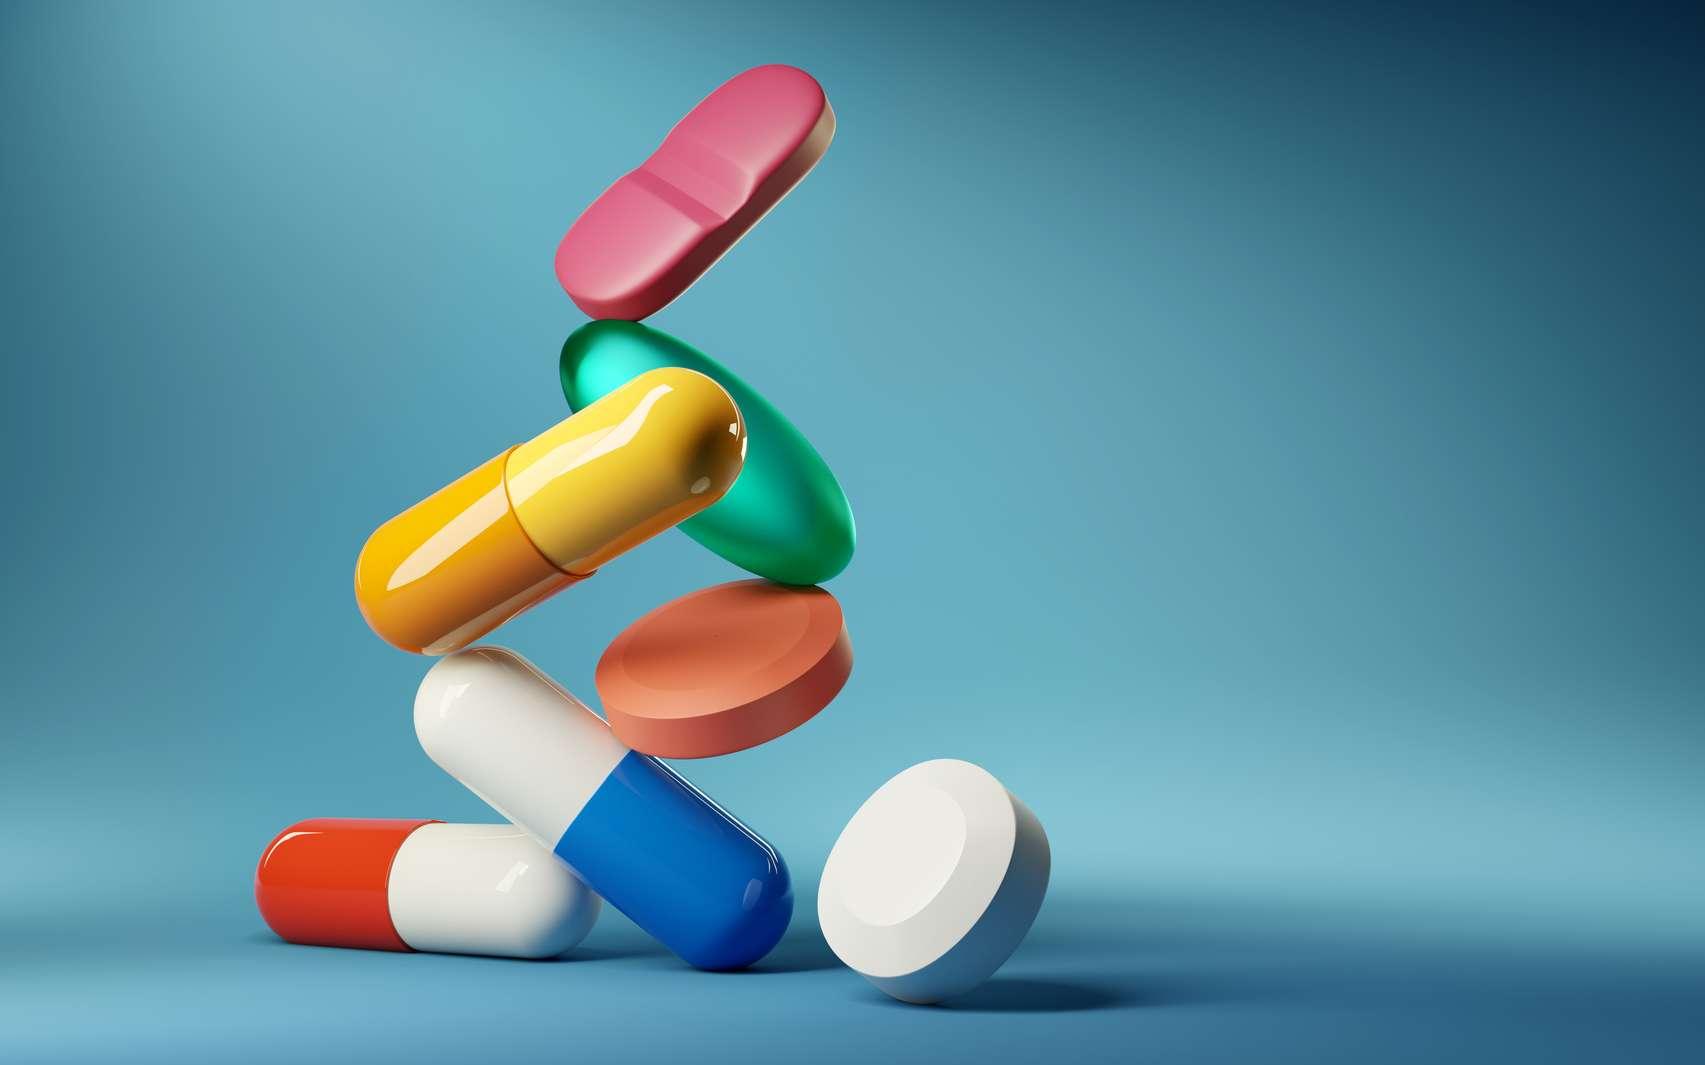 Des médicaments empilés. © James Thew, Fotolia